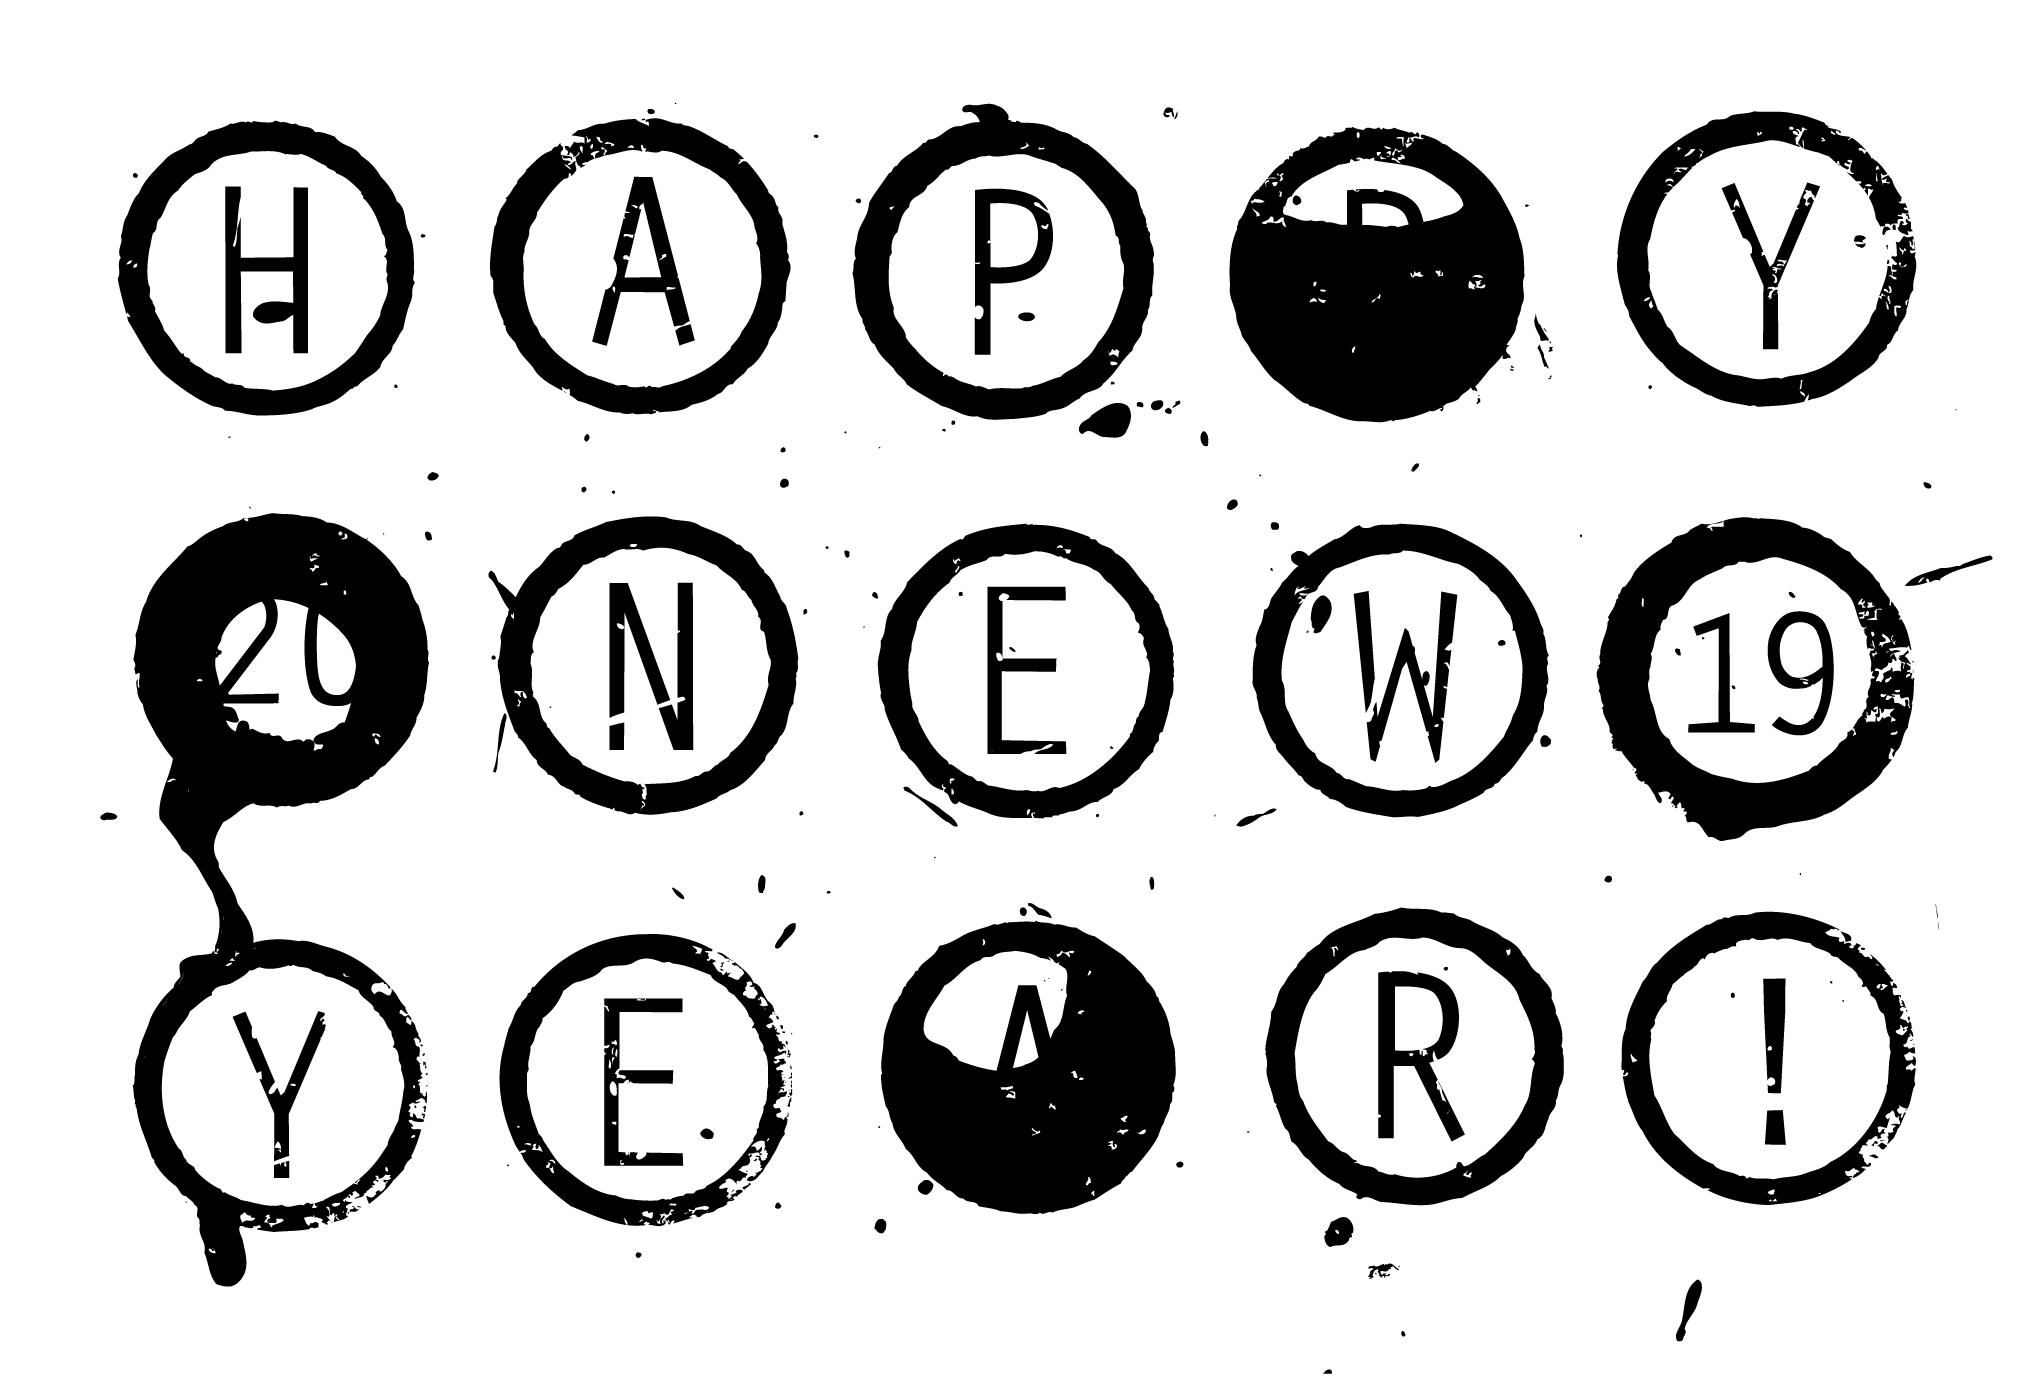 2019年賀状02-1:Circle 2019 / 黒のダウンロード画像